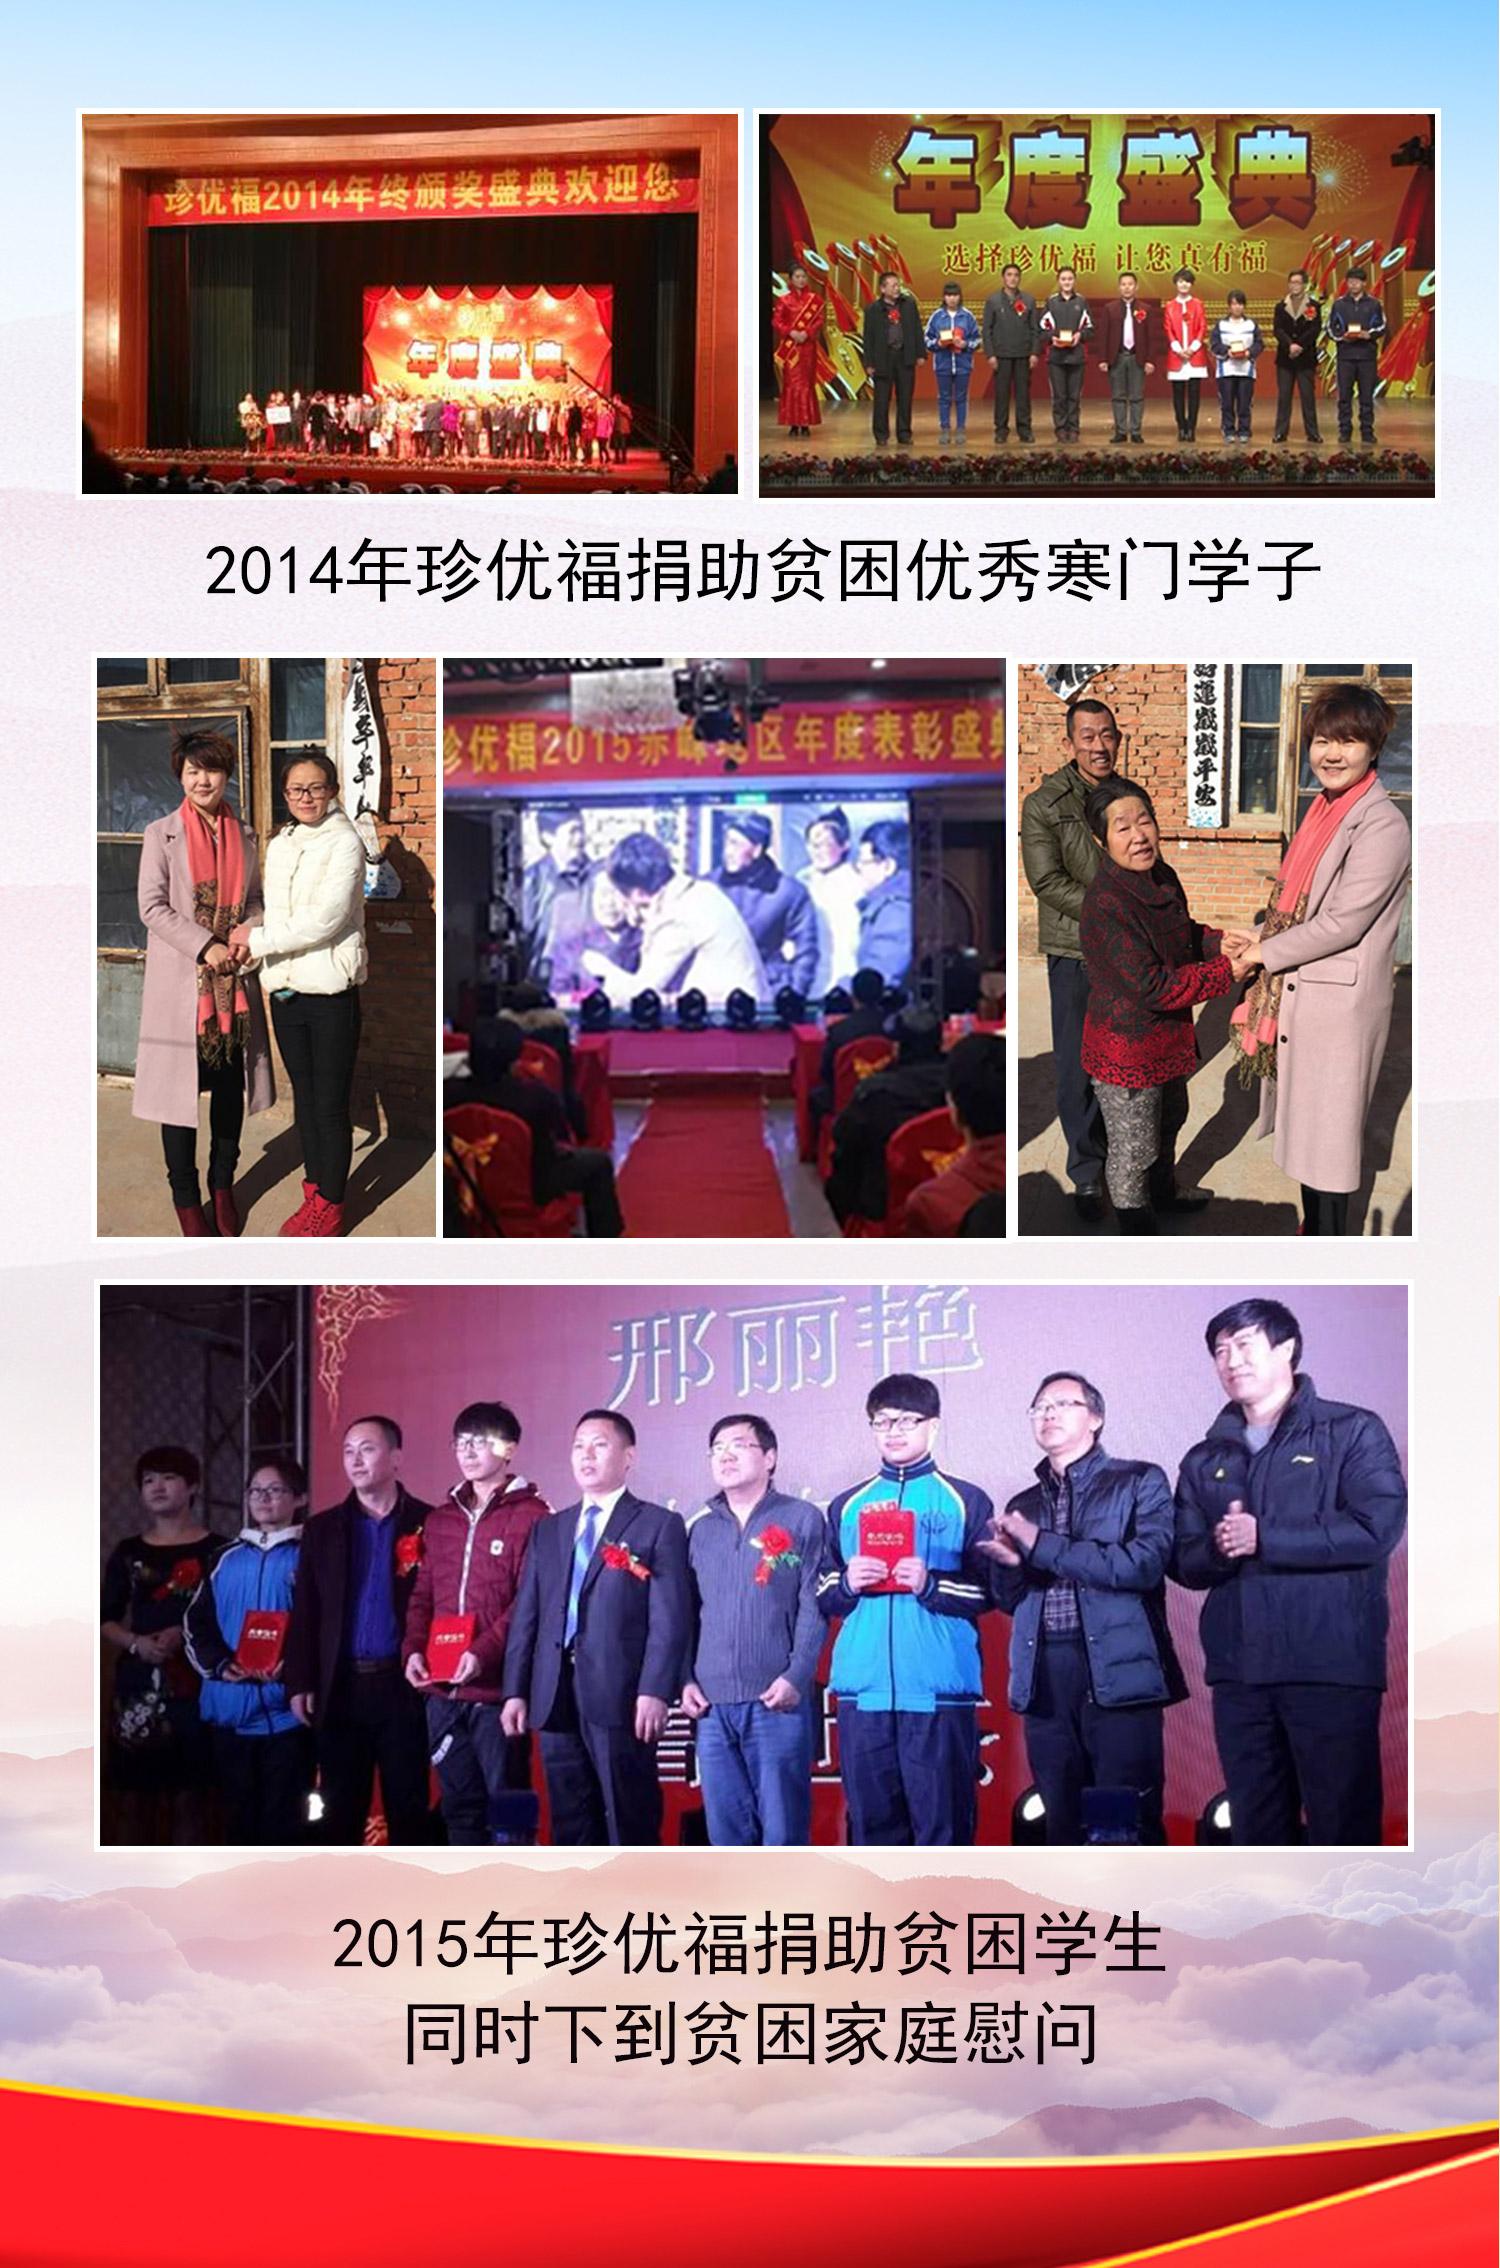 http://image.zhenyoufu.com.cn/shop/article/06711082955841000.jpg